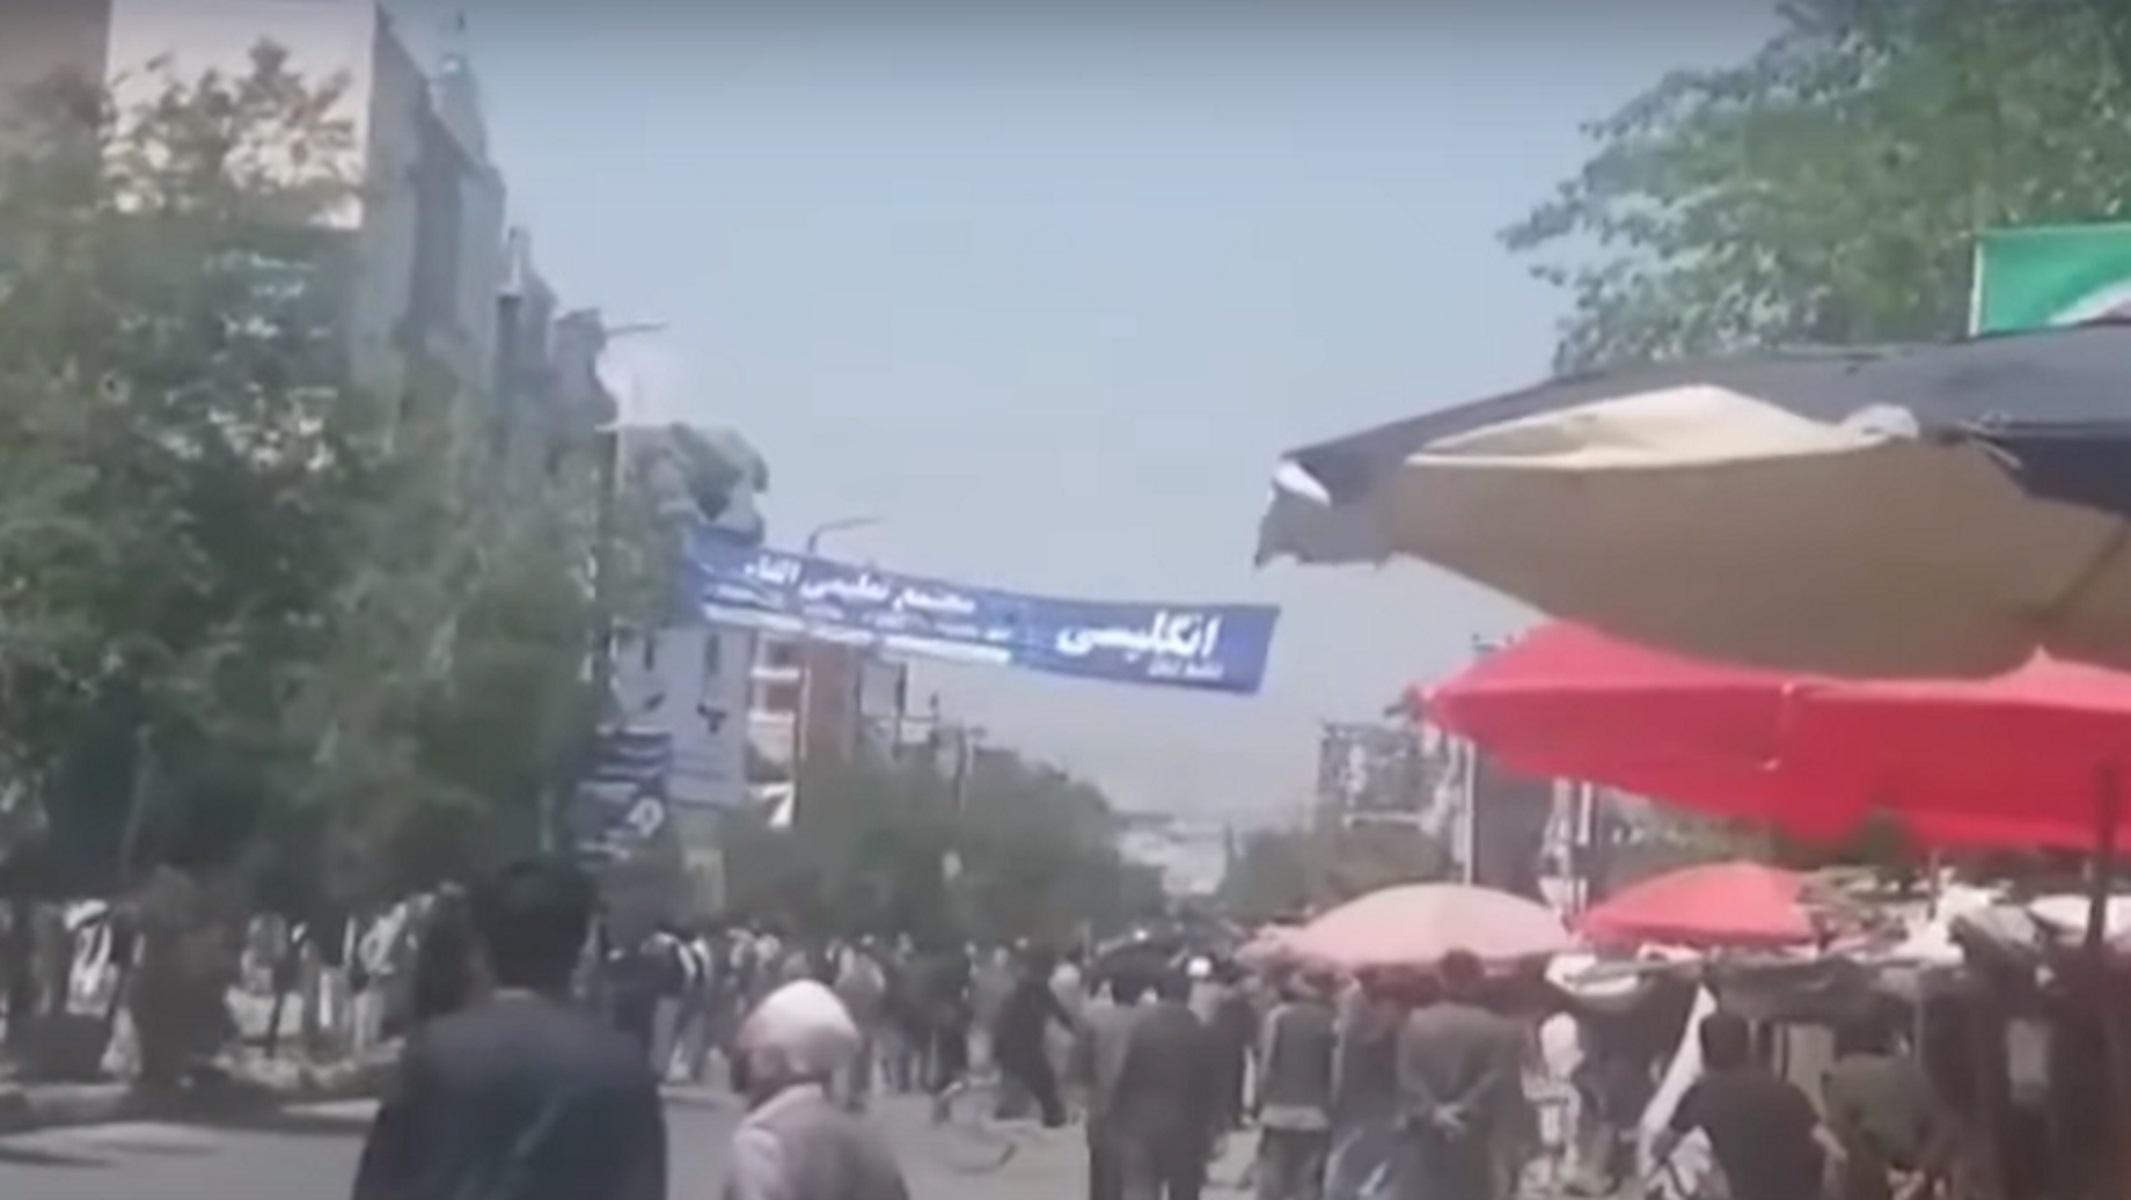 Λουτρό αίματος στο Αφγανιστάν – 13 νεκροί, ανάμεσά τους δύο μωρά από επίθεση σε νοσοκομείο